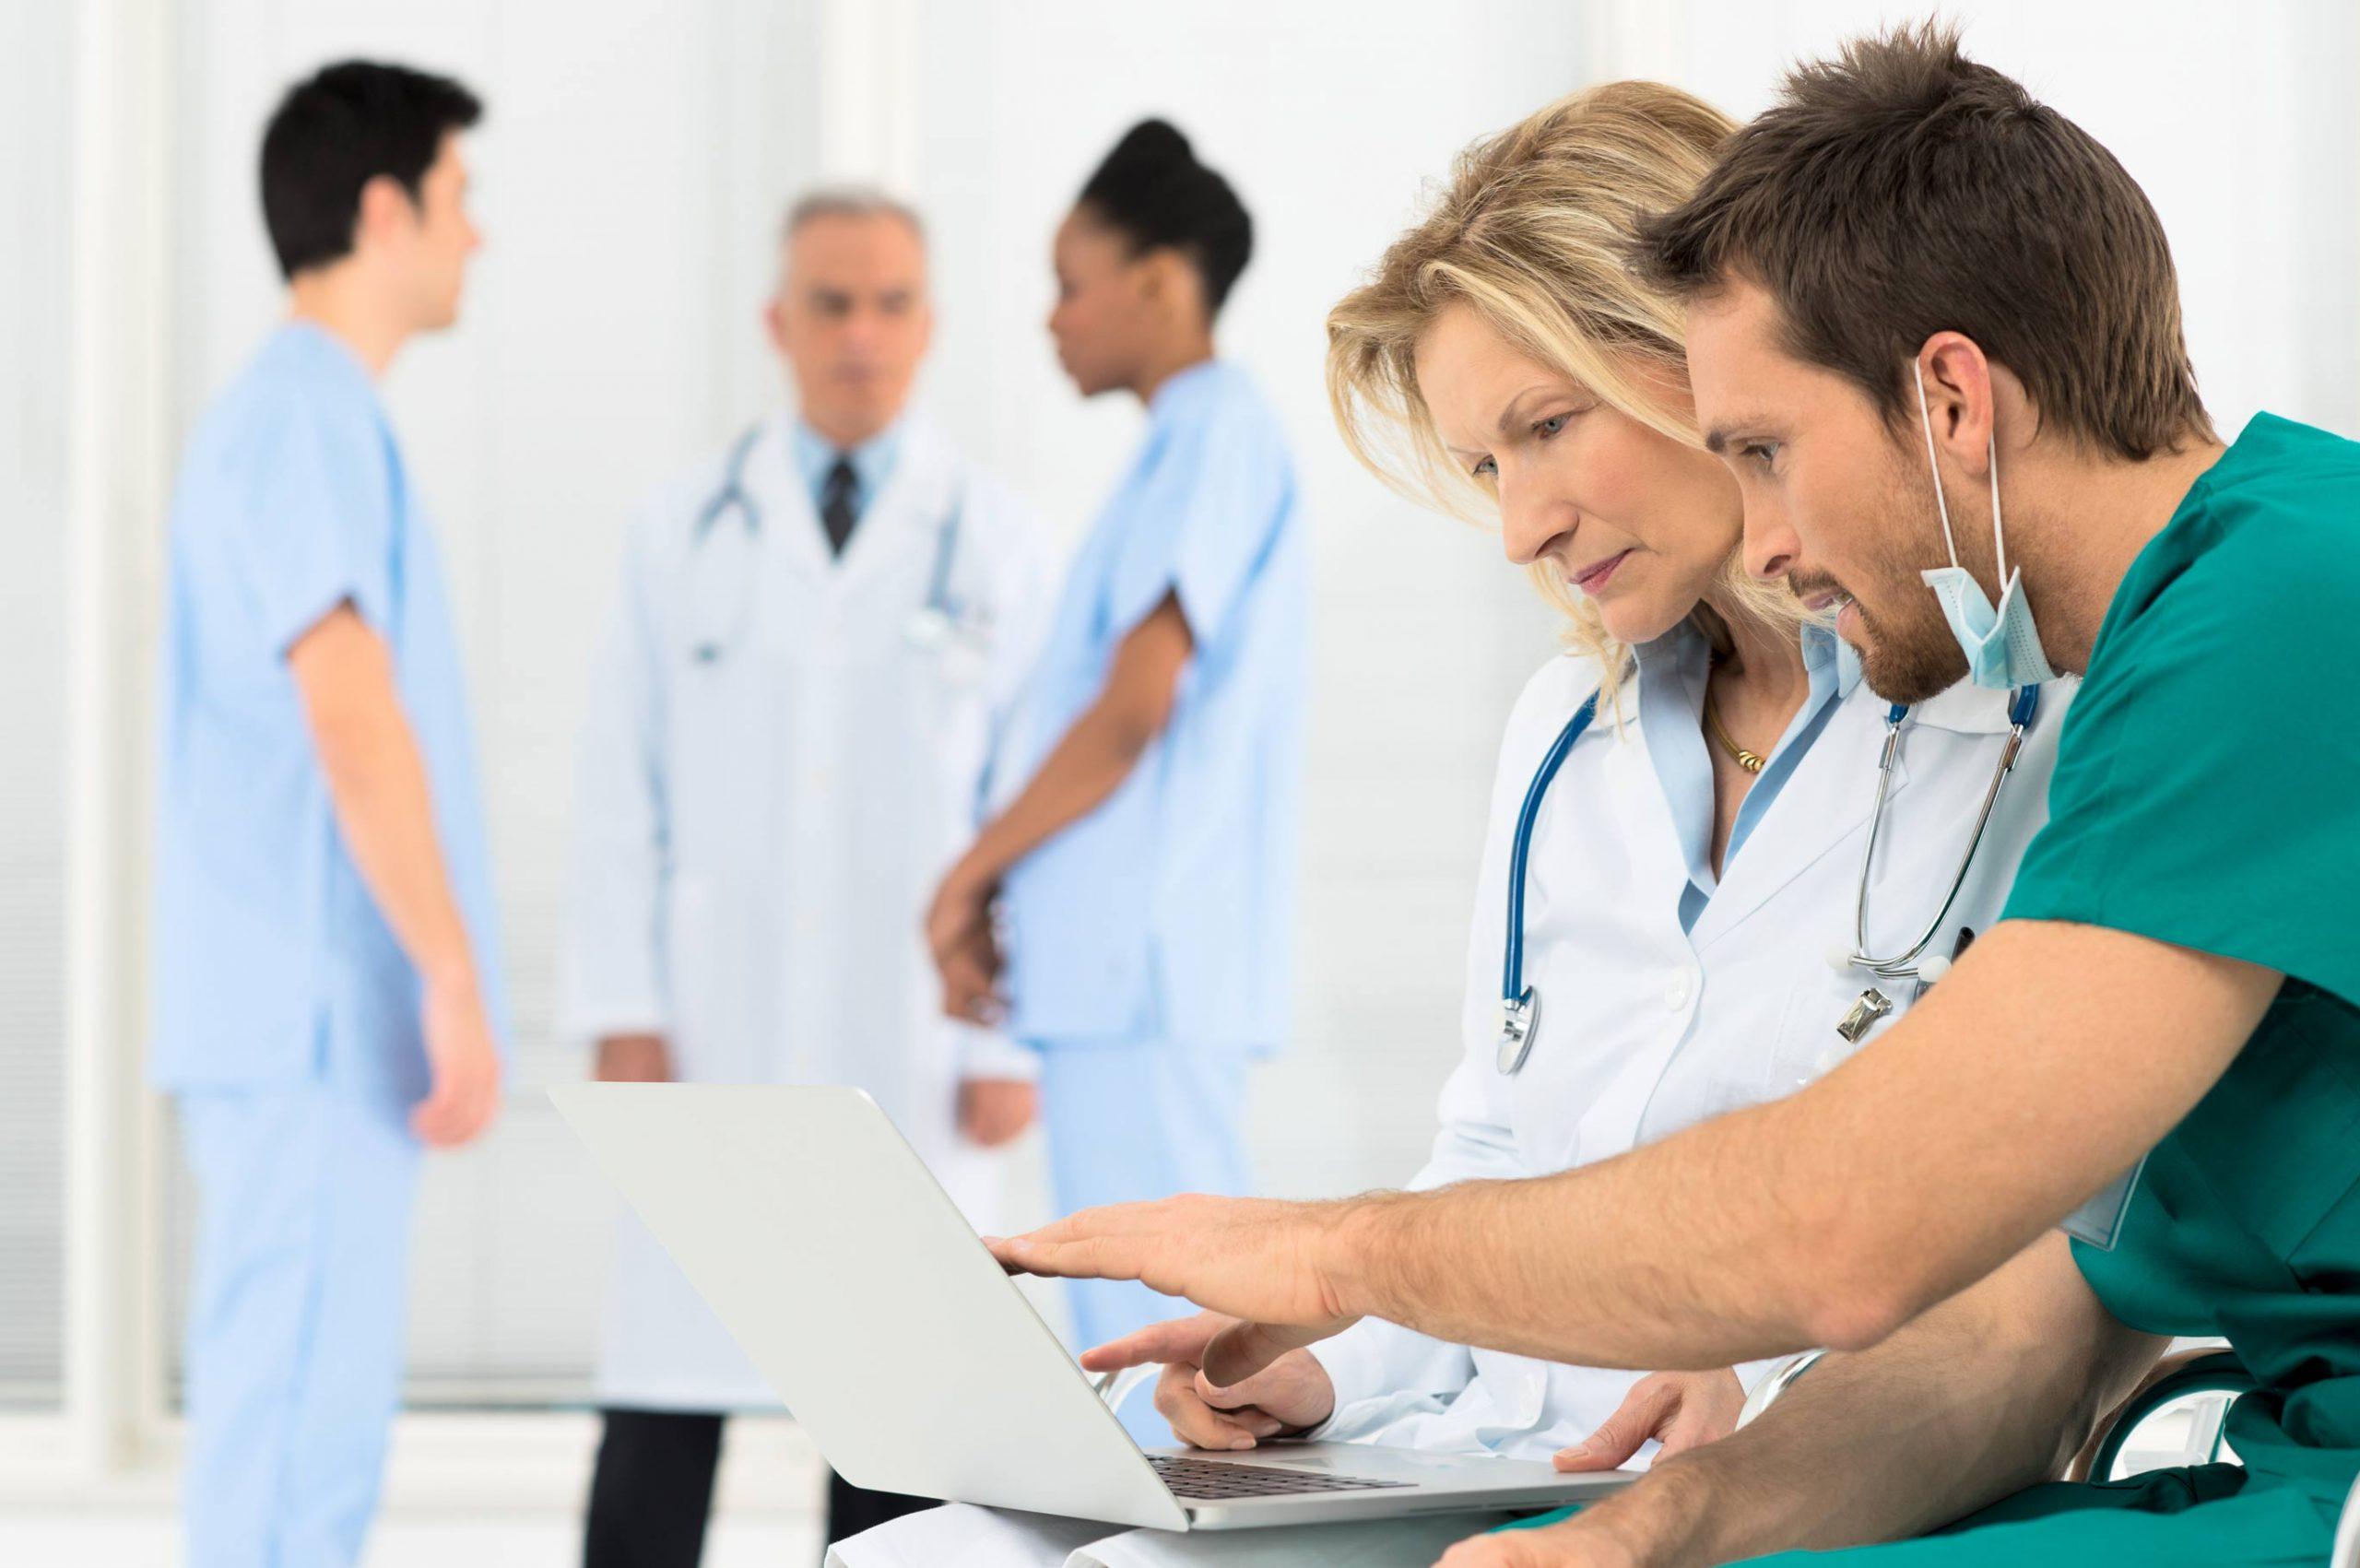 Терапия строго контролируется врачом